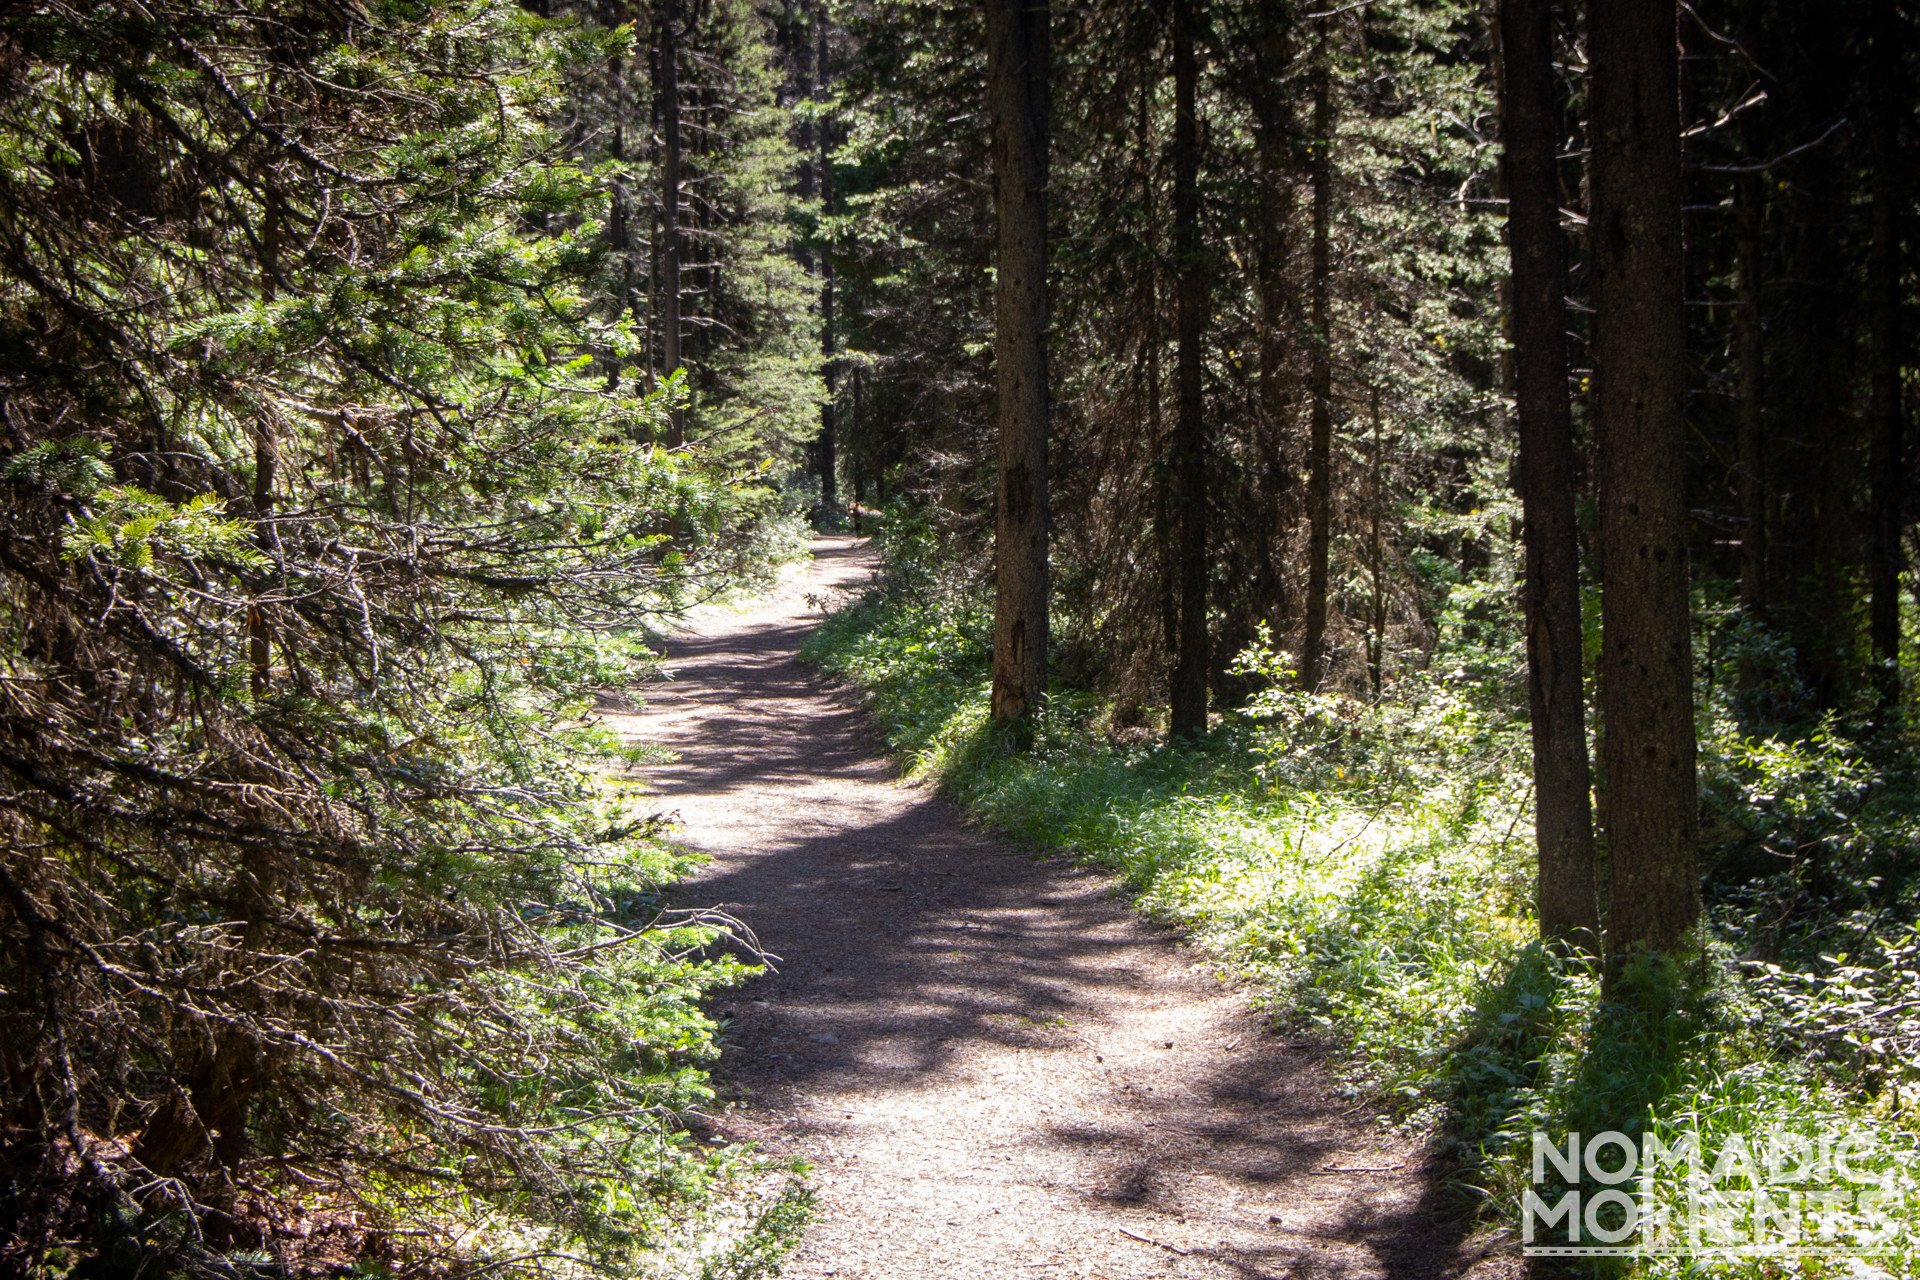 Bear on the Assiniboine Trail